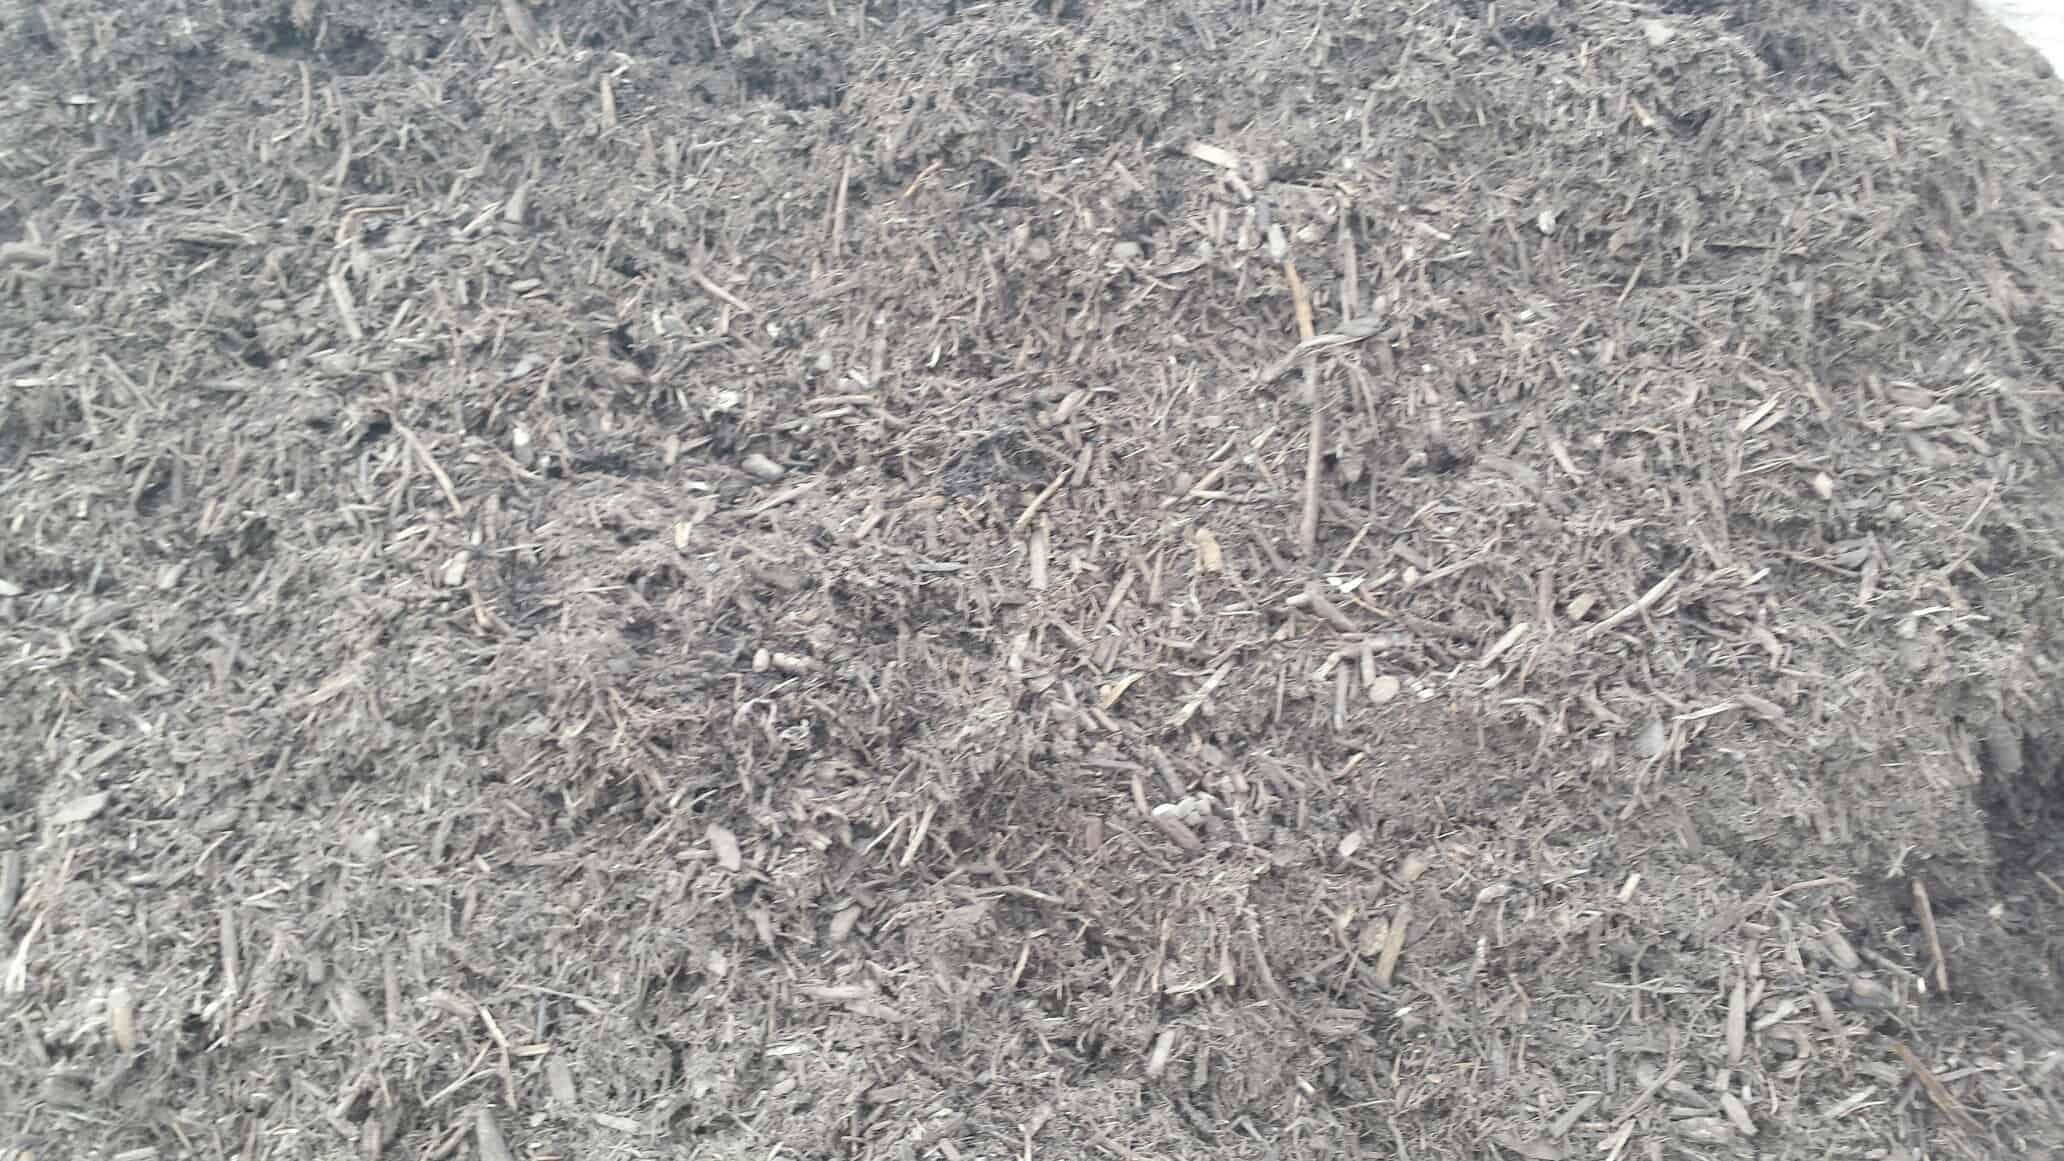 Mixed Wood Mulch (Natural)